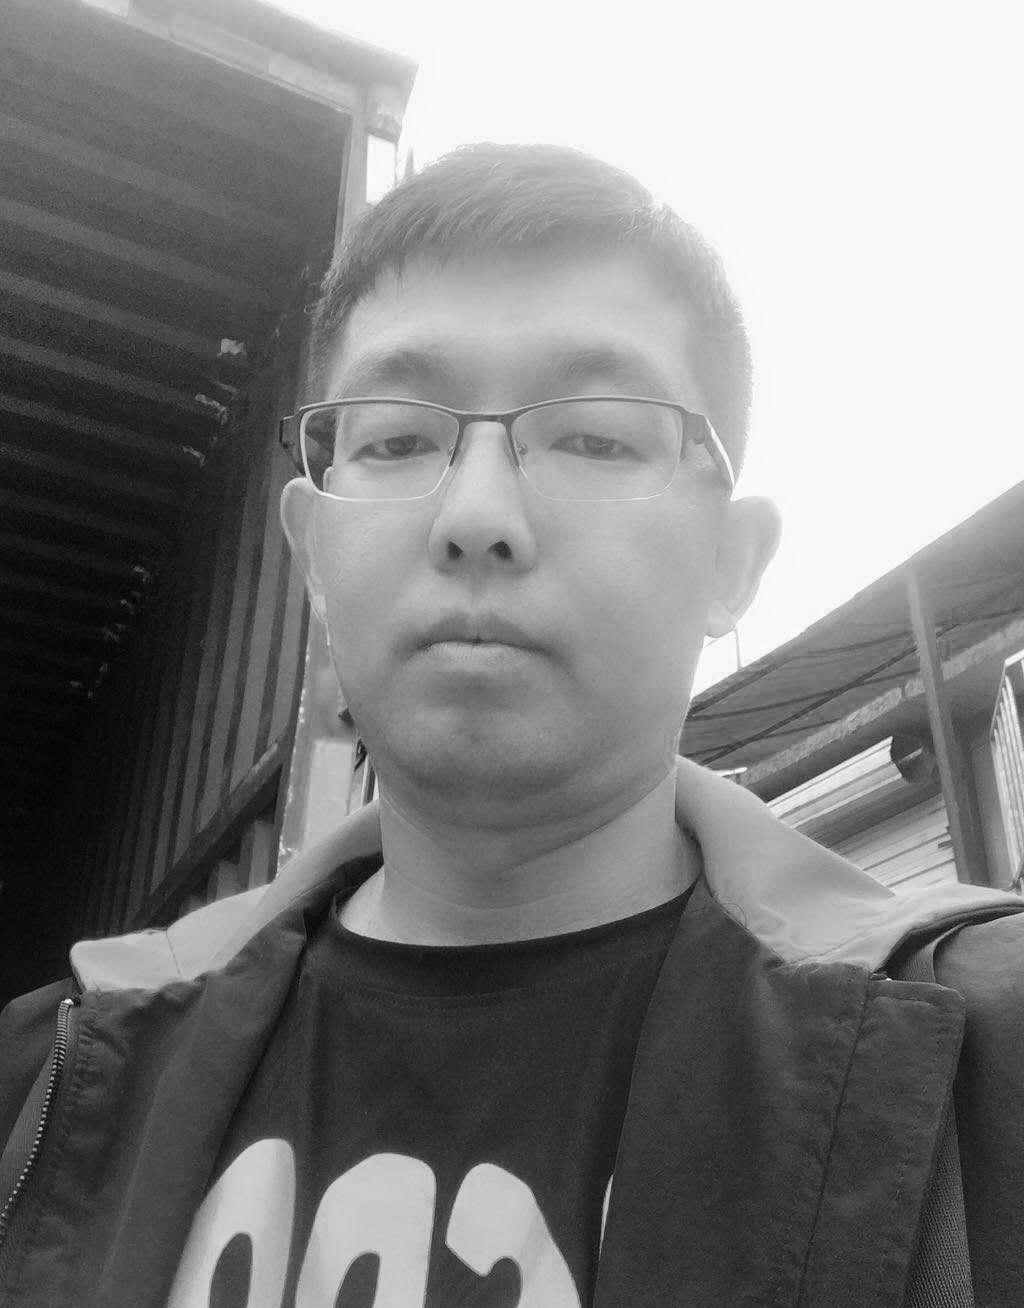 贾庆臣 (1)1.jpg